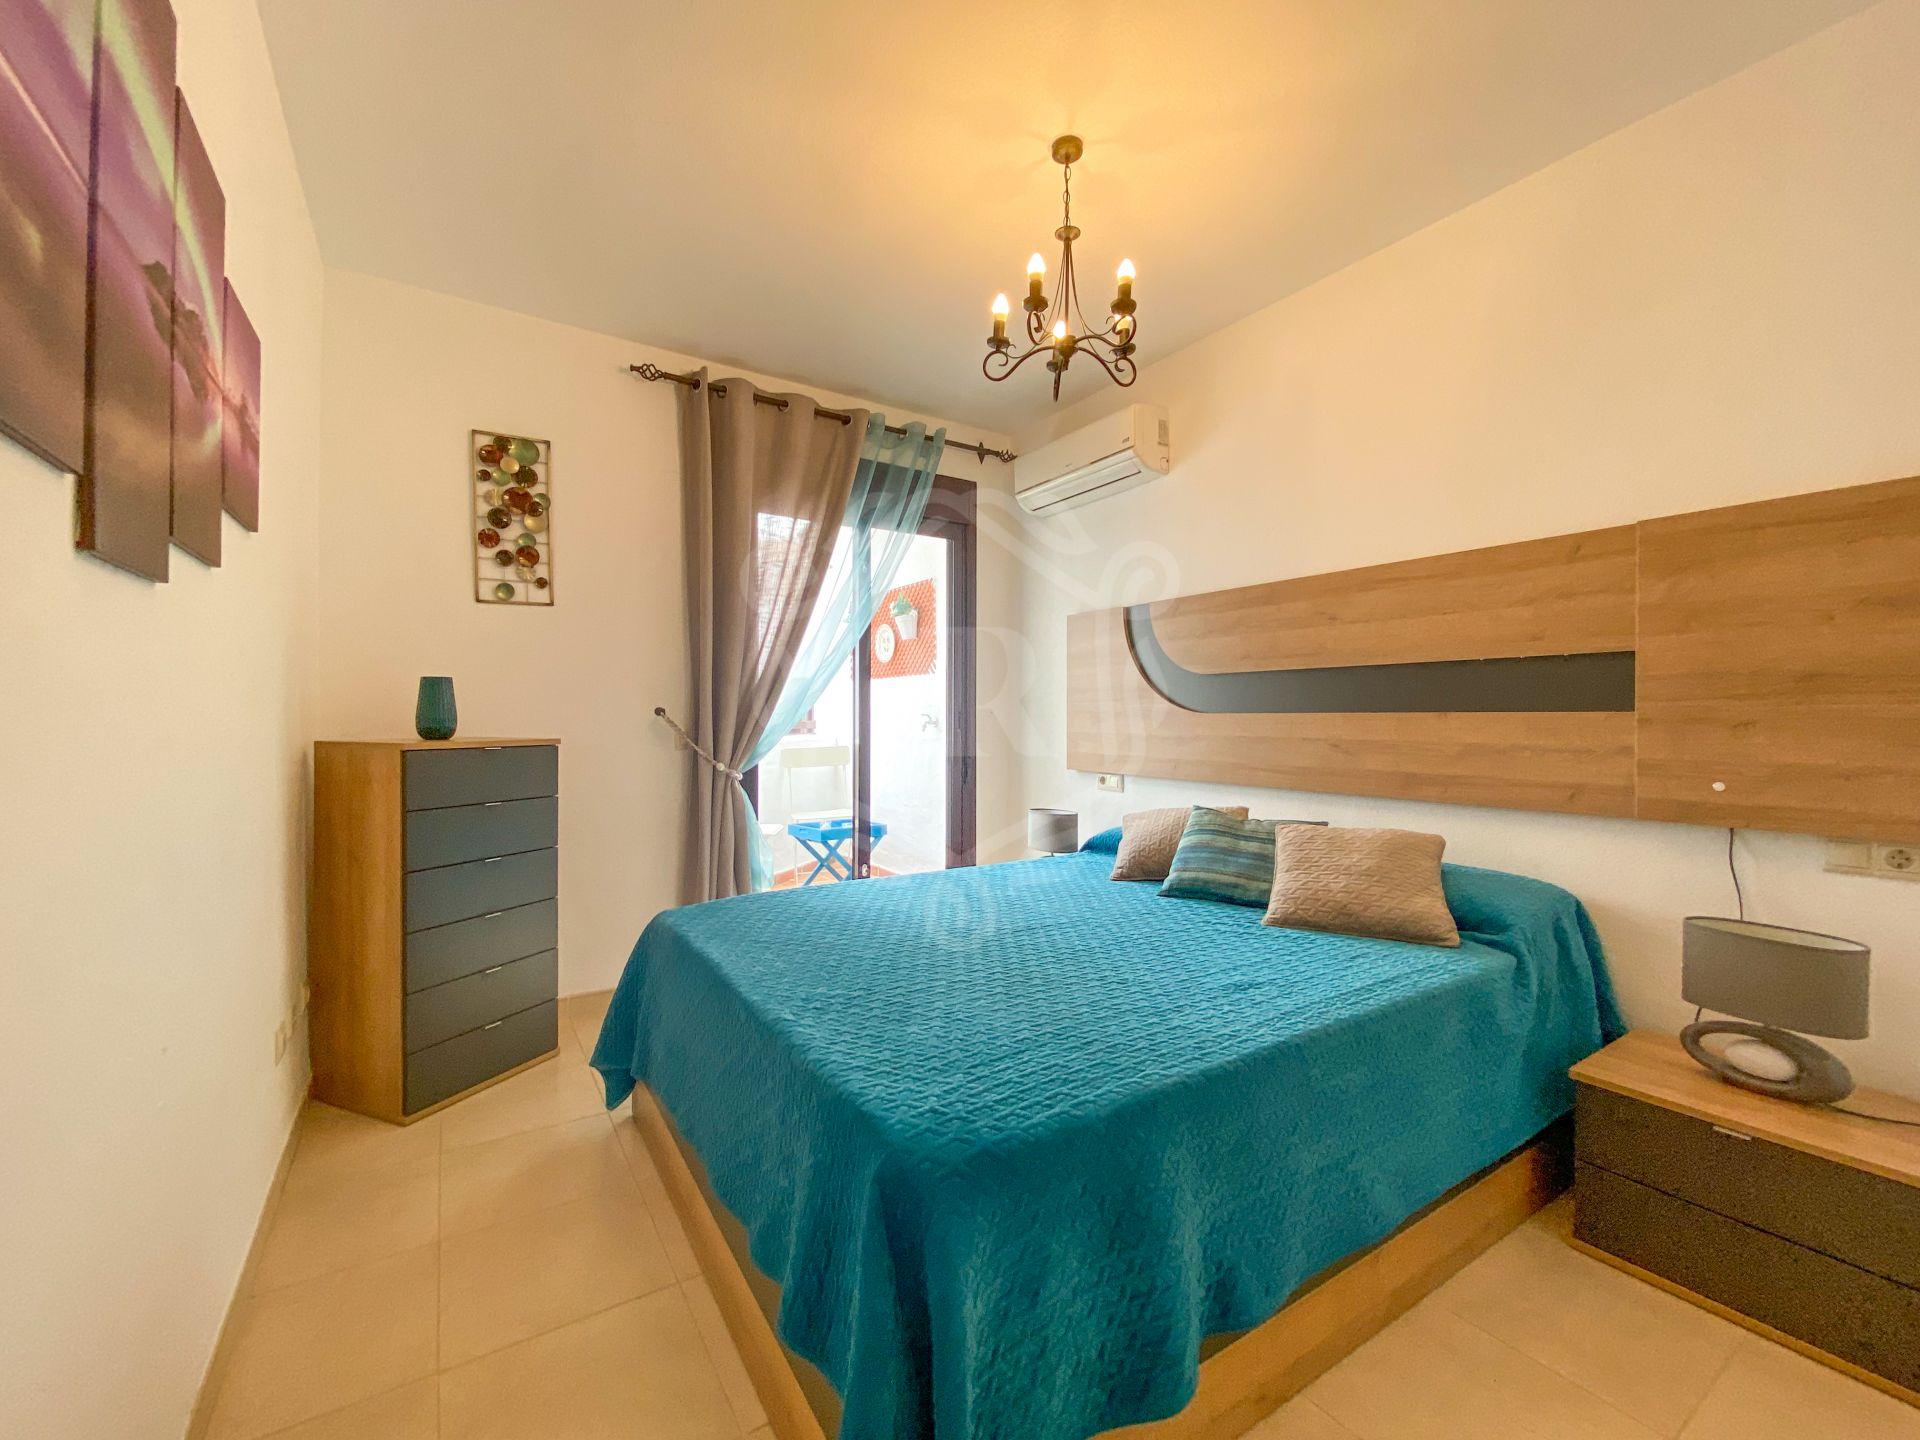 Apartment for sale in La Maestranza, Nueva Andalucia